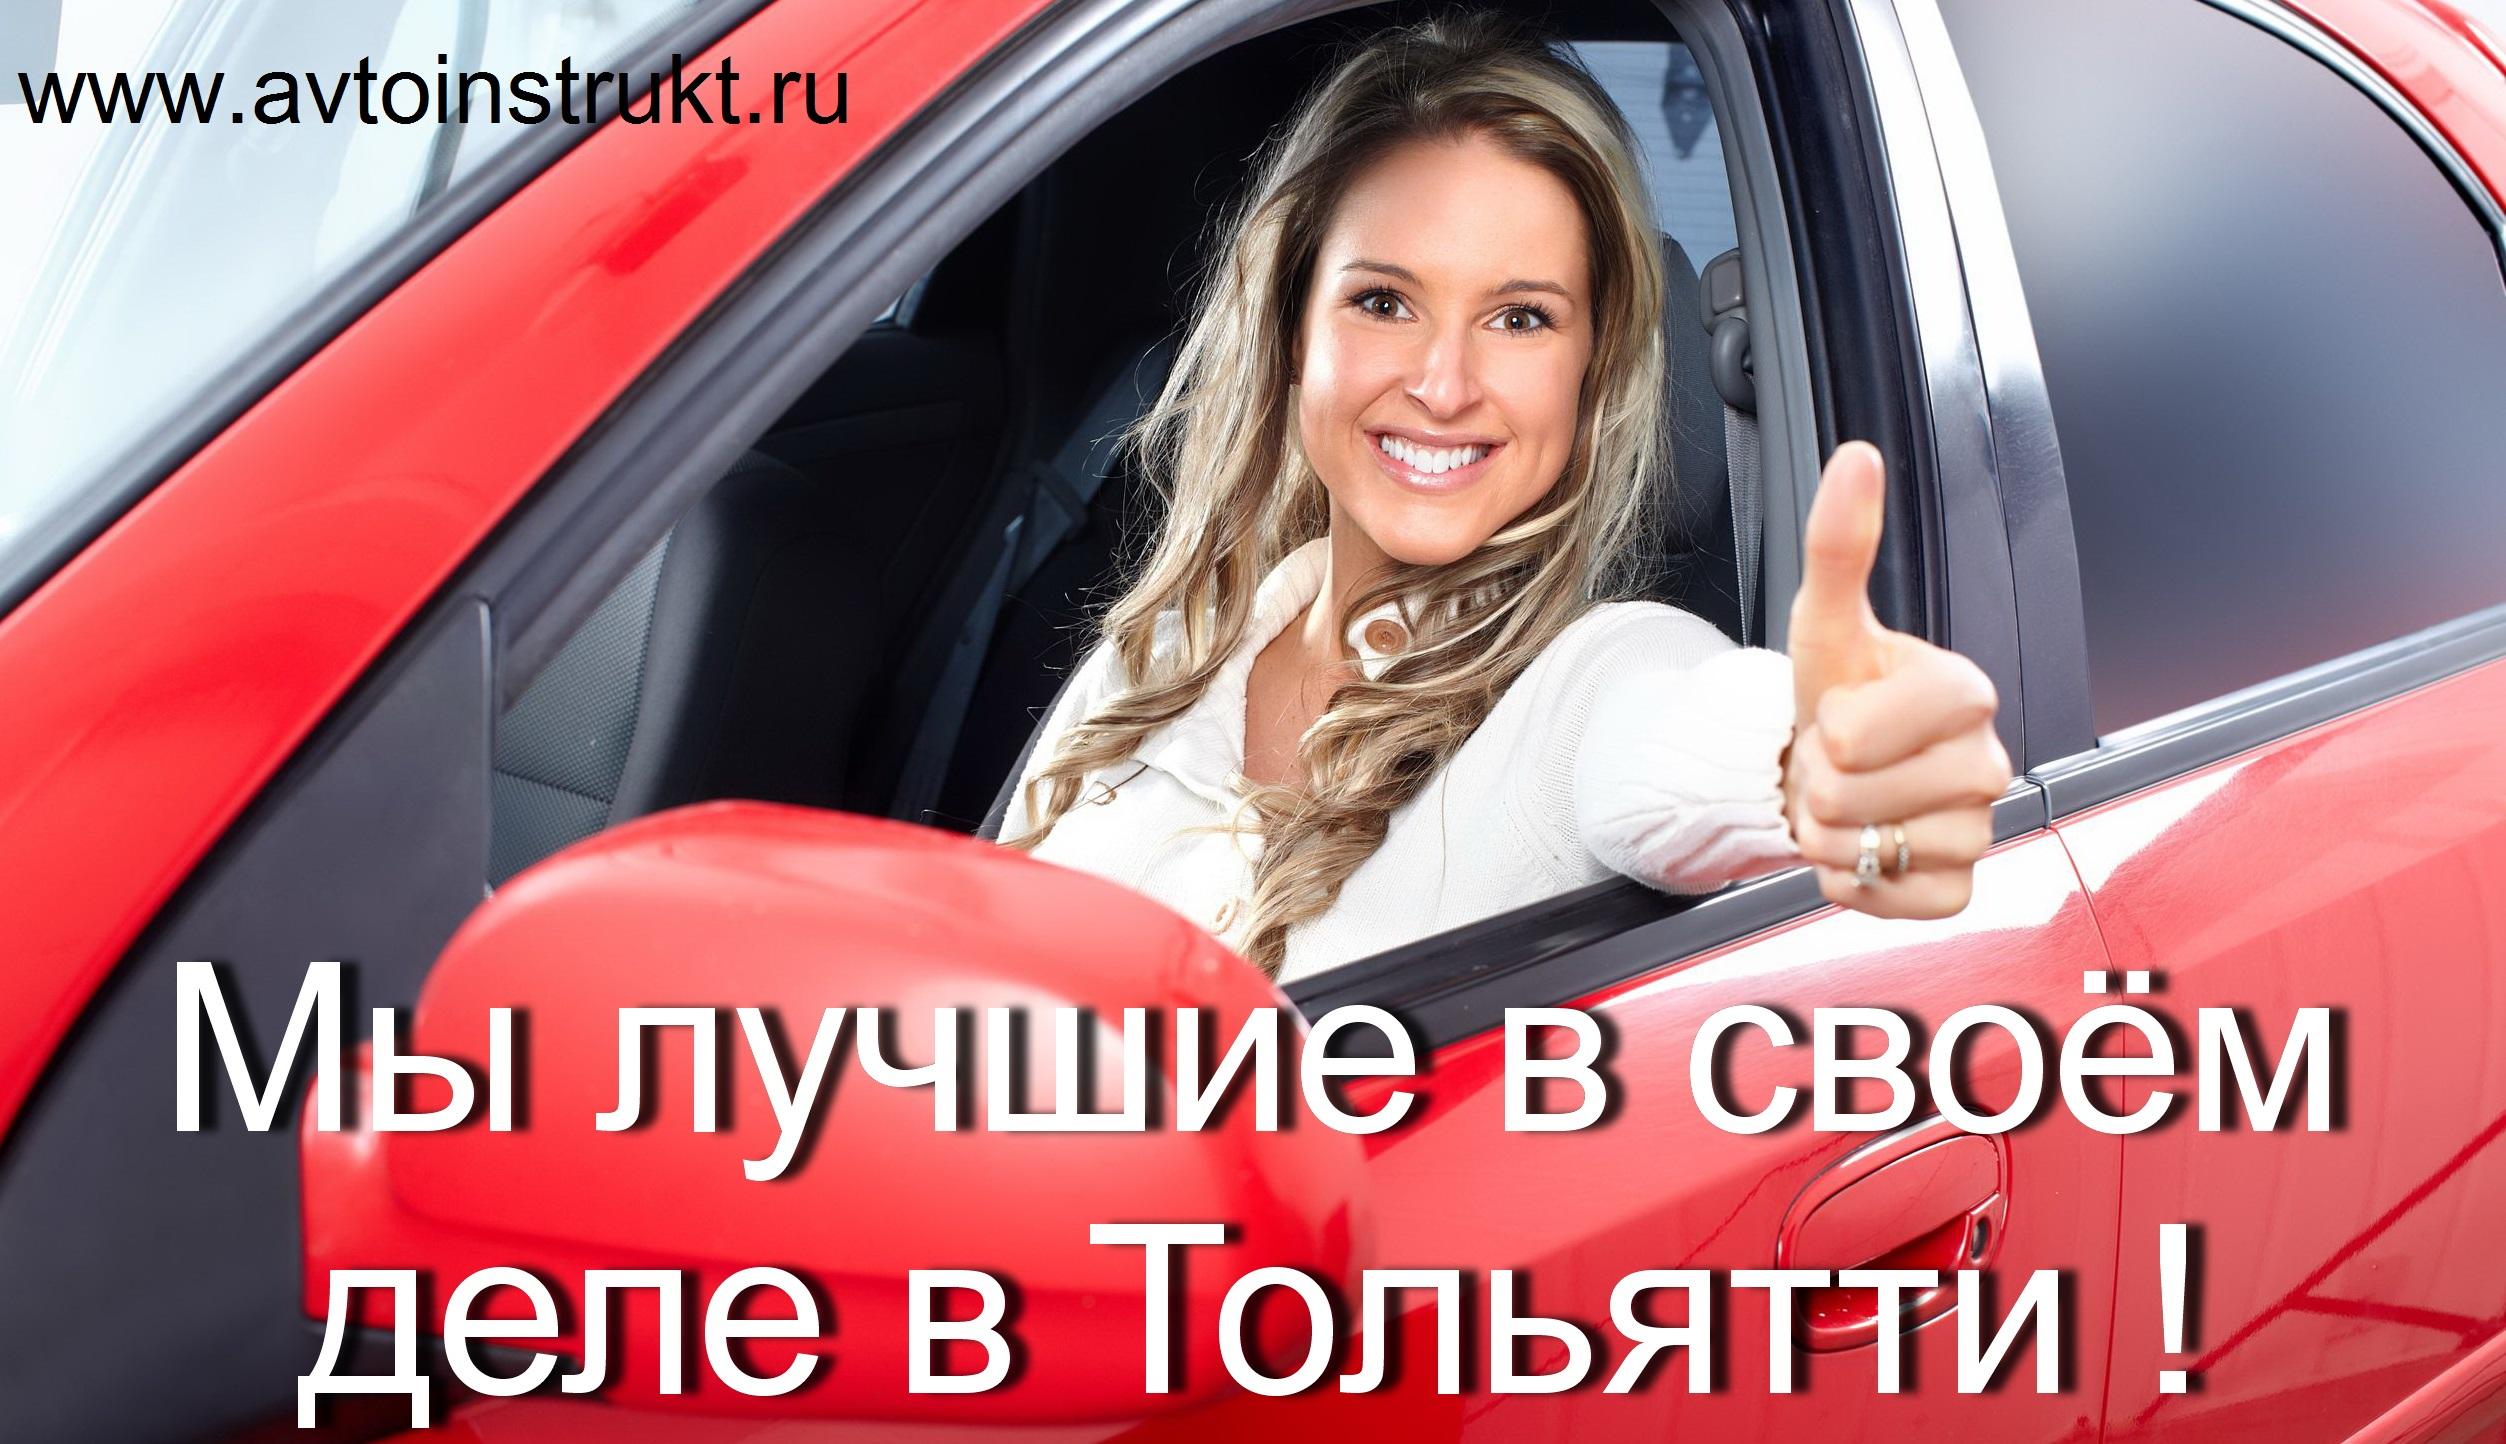 Частный автоинструктор в Тольятти